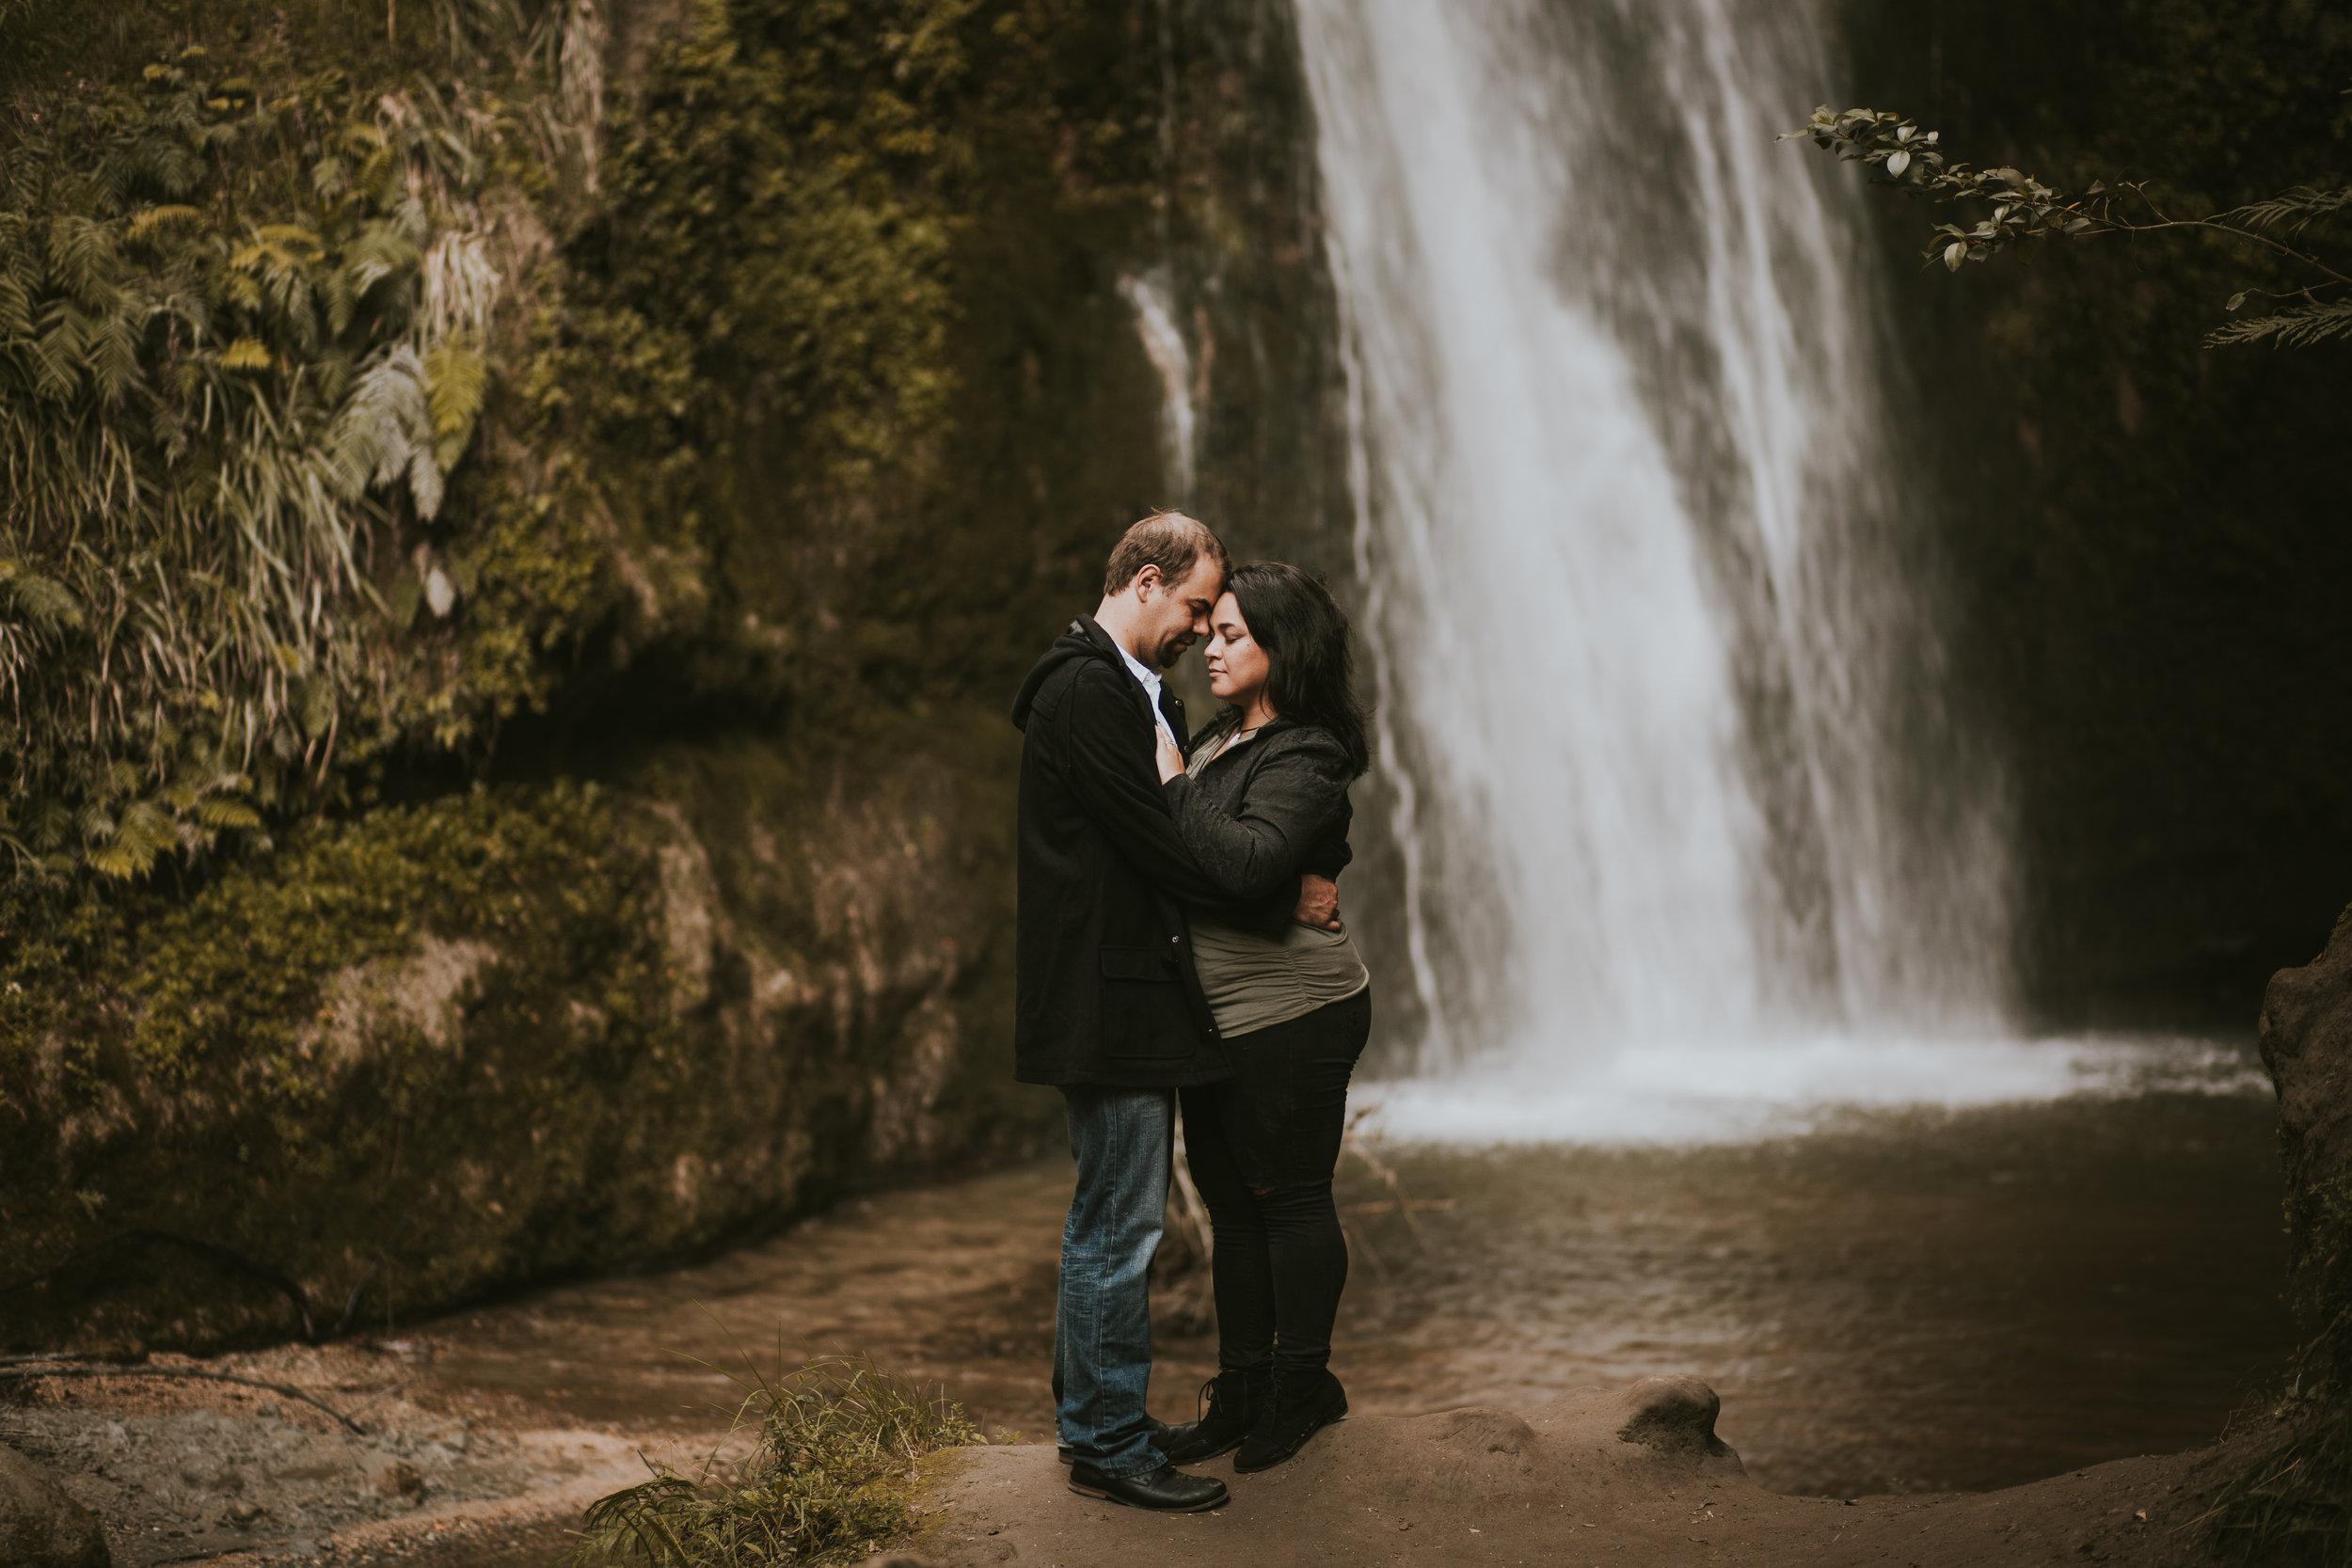 Lisa Fisher Photography - James & Lisa Engagement-31.jpg